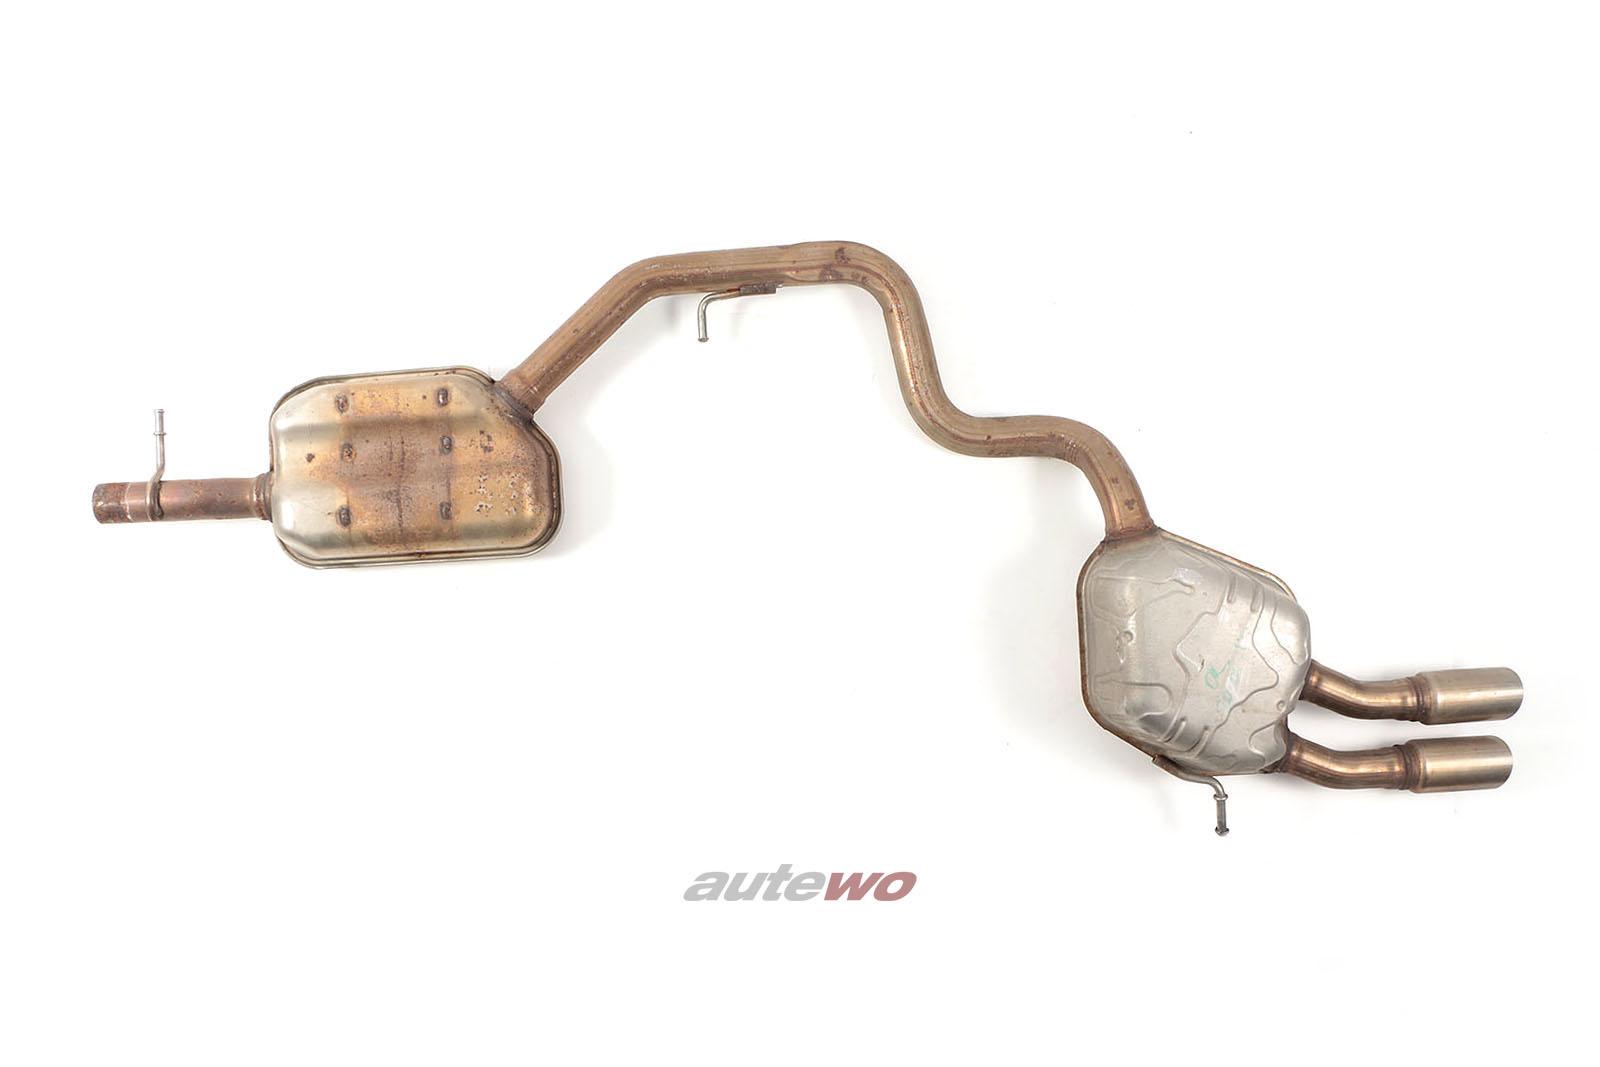 5N0253611H/5N0253411H Audi Q3 8U 2.0l TDI Abgasanlage komplett